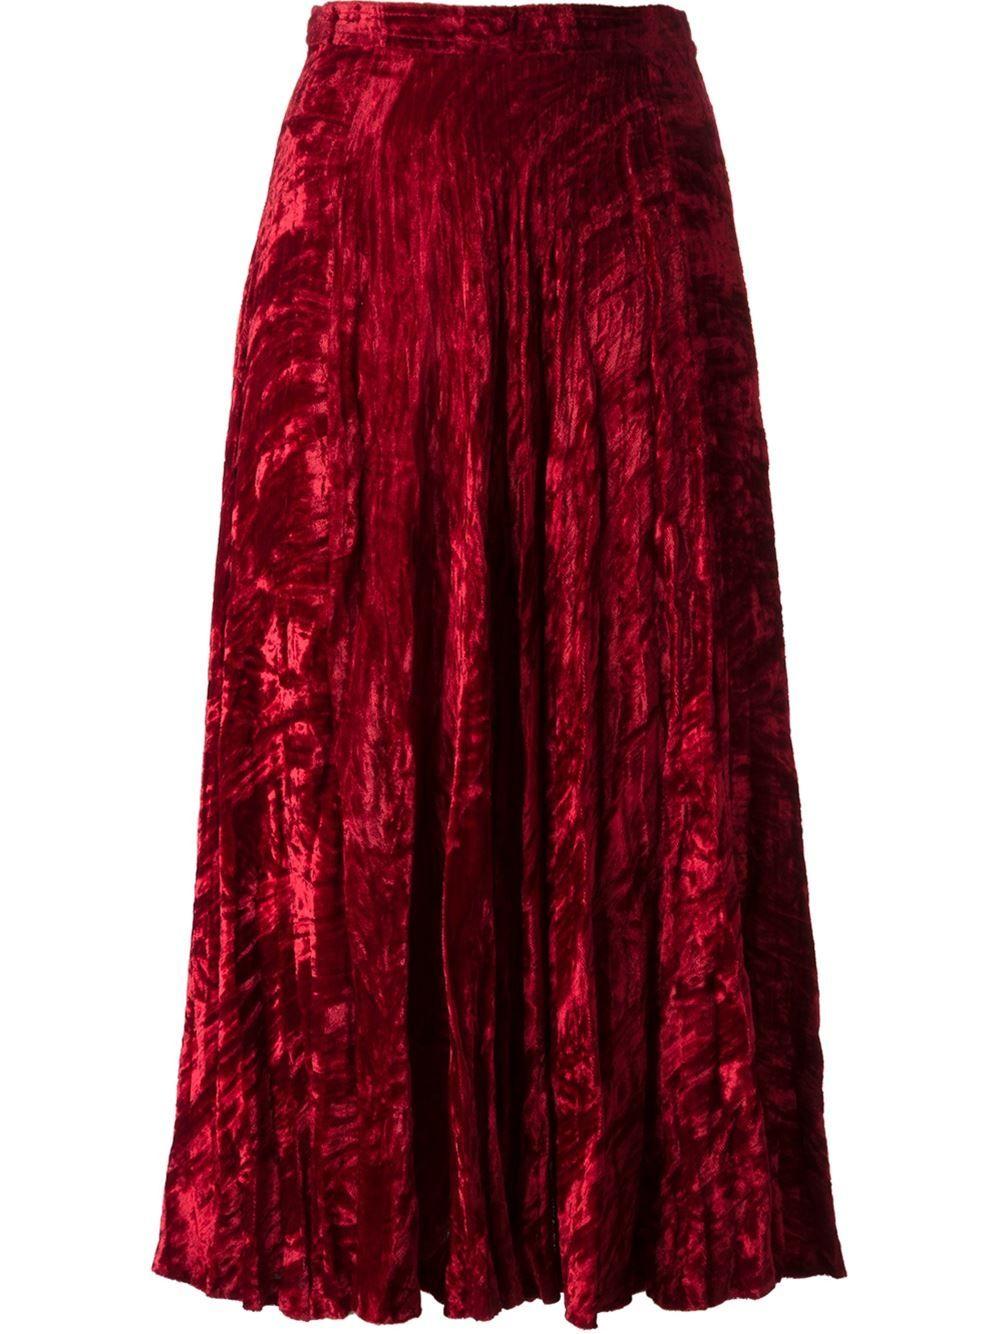 Yves Saint Laurent Vintage Velveteen Long Skirt - Dressing Factory - Farfetch.com